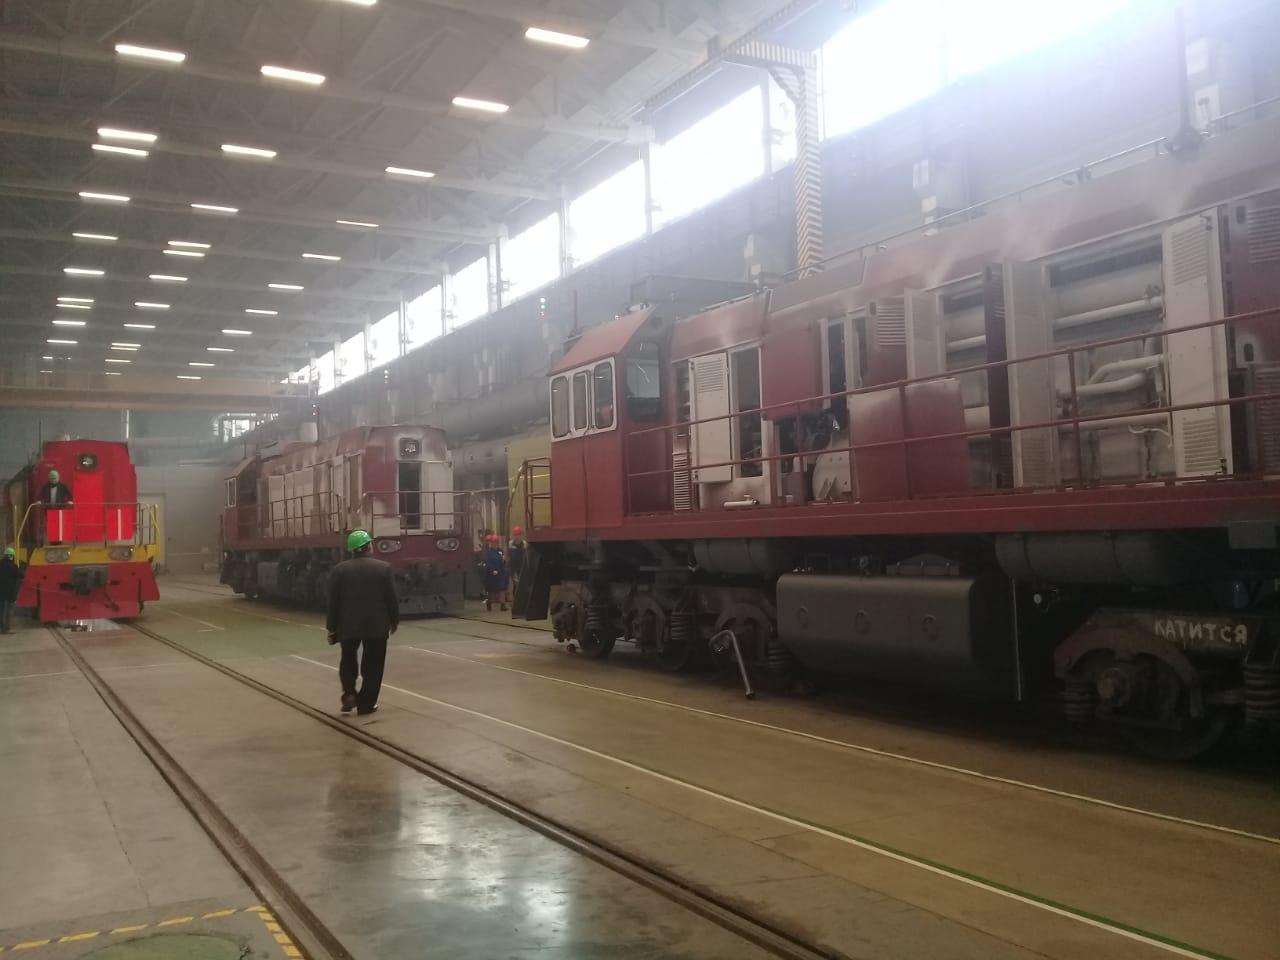 جولة لليوم السابع بمصنع جرارات السكة الحديد الروسى (25)